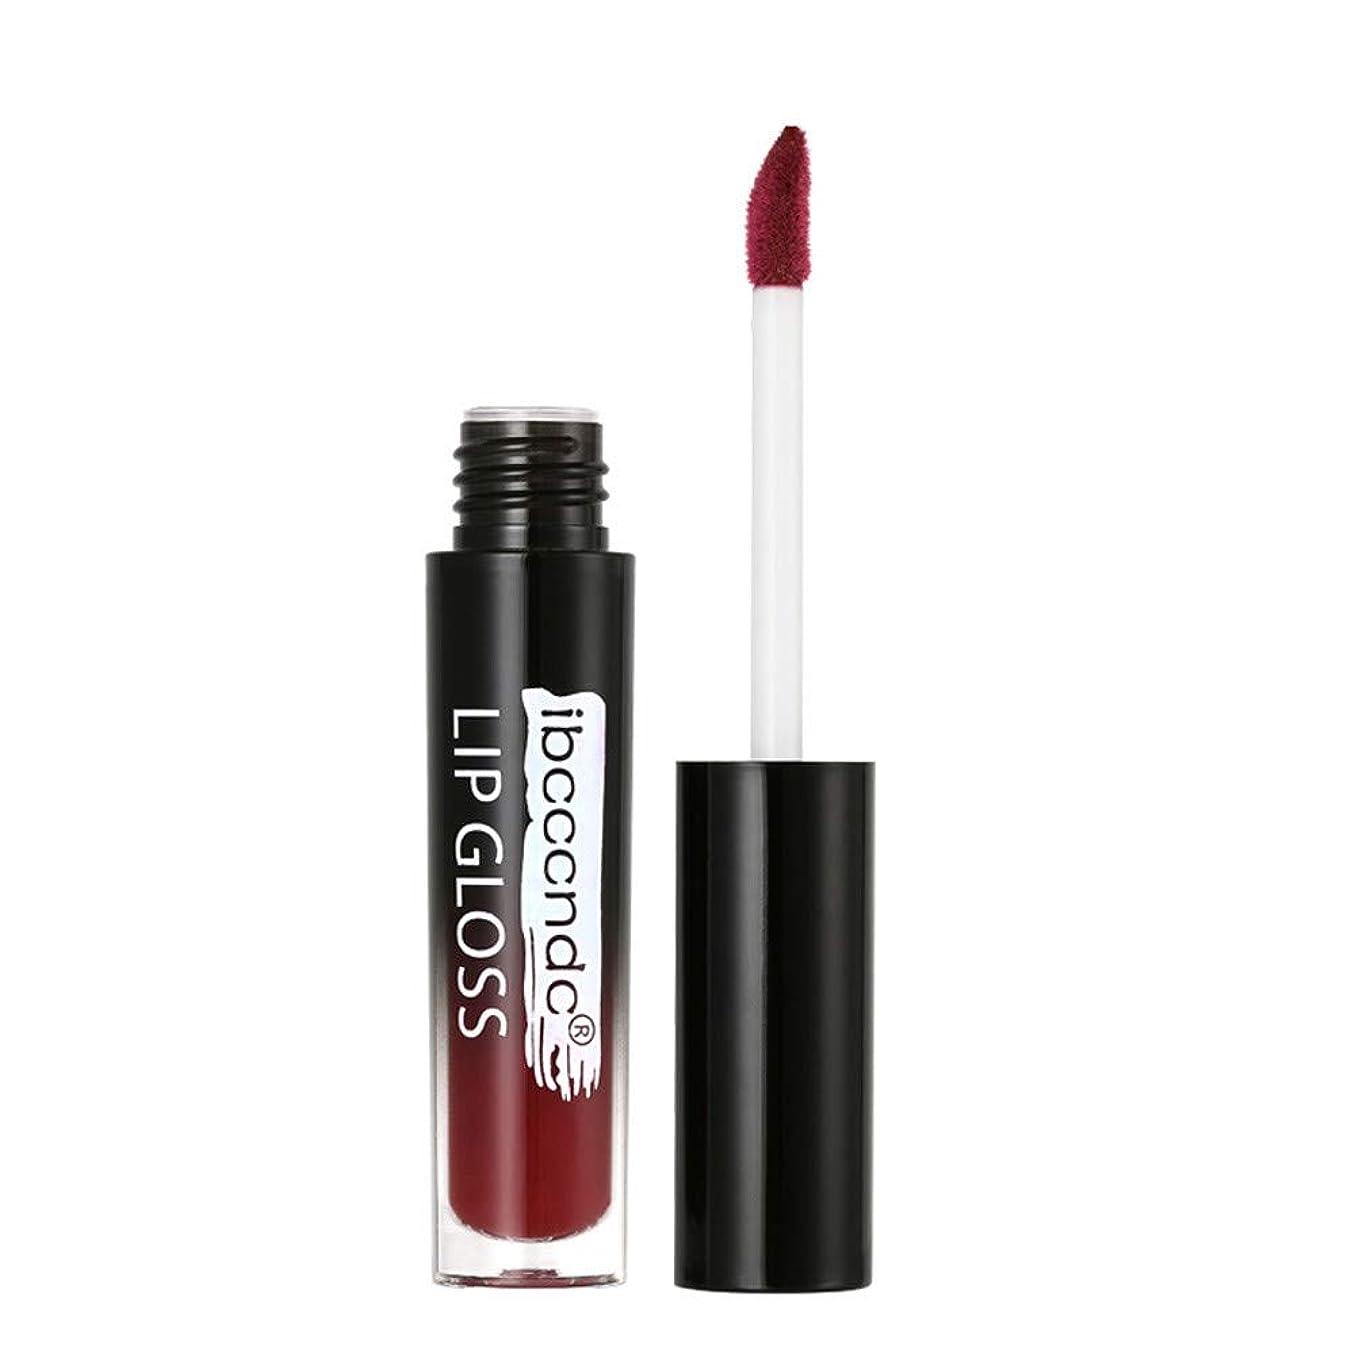 ジーンズ複雑汚れた口紅 液体 モイスチャライザー リップスティック リキッド 防水 リップバーム 化粧品 美容 リップクリーム メイク 唇に塗っっていつもよりセクシー魅力を与えるルージュhuajuan